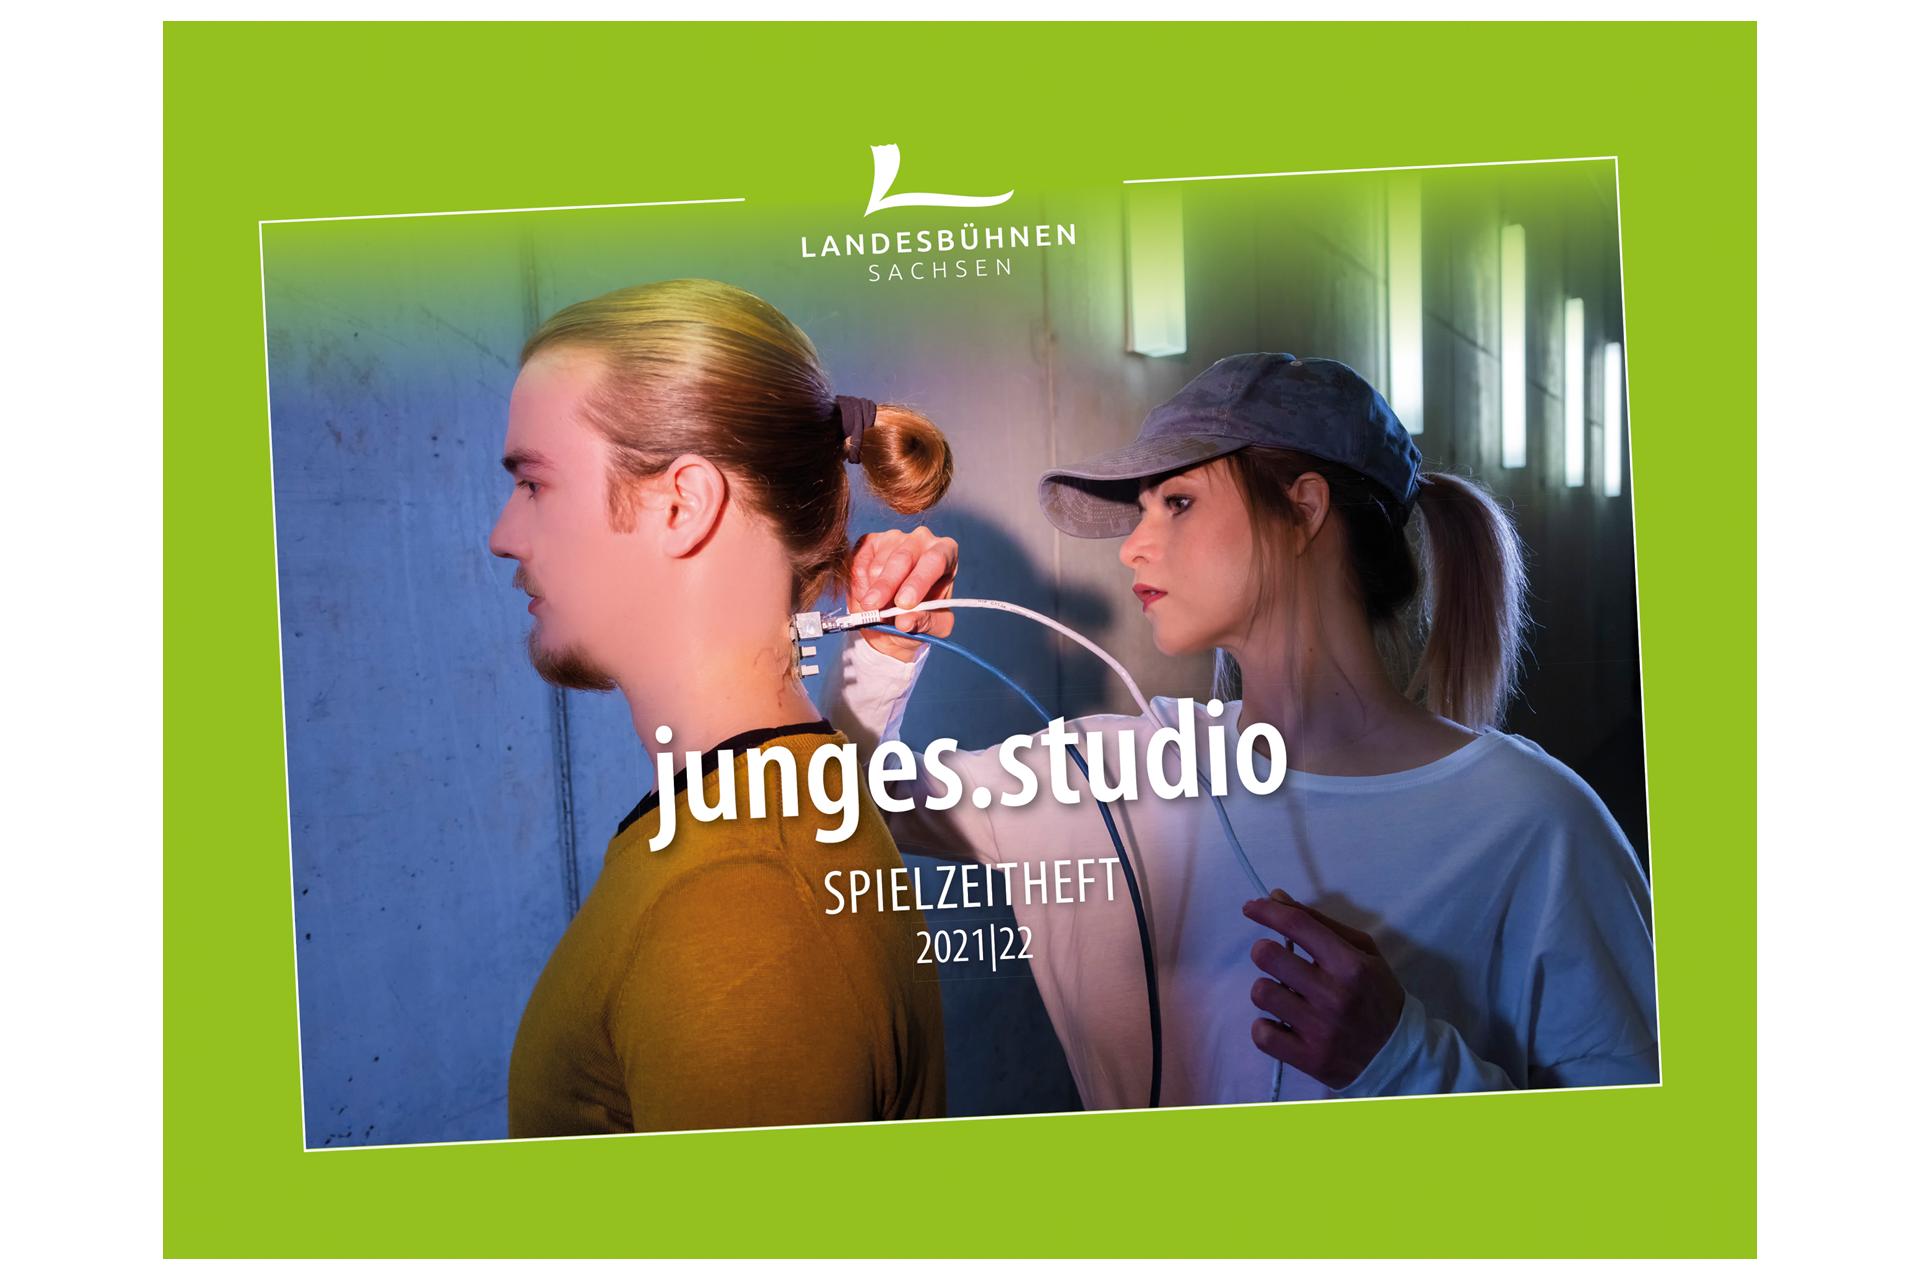 Landesbühnen Sachsen - Junges Studio Spielzeitheft